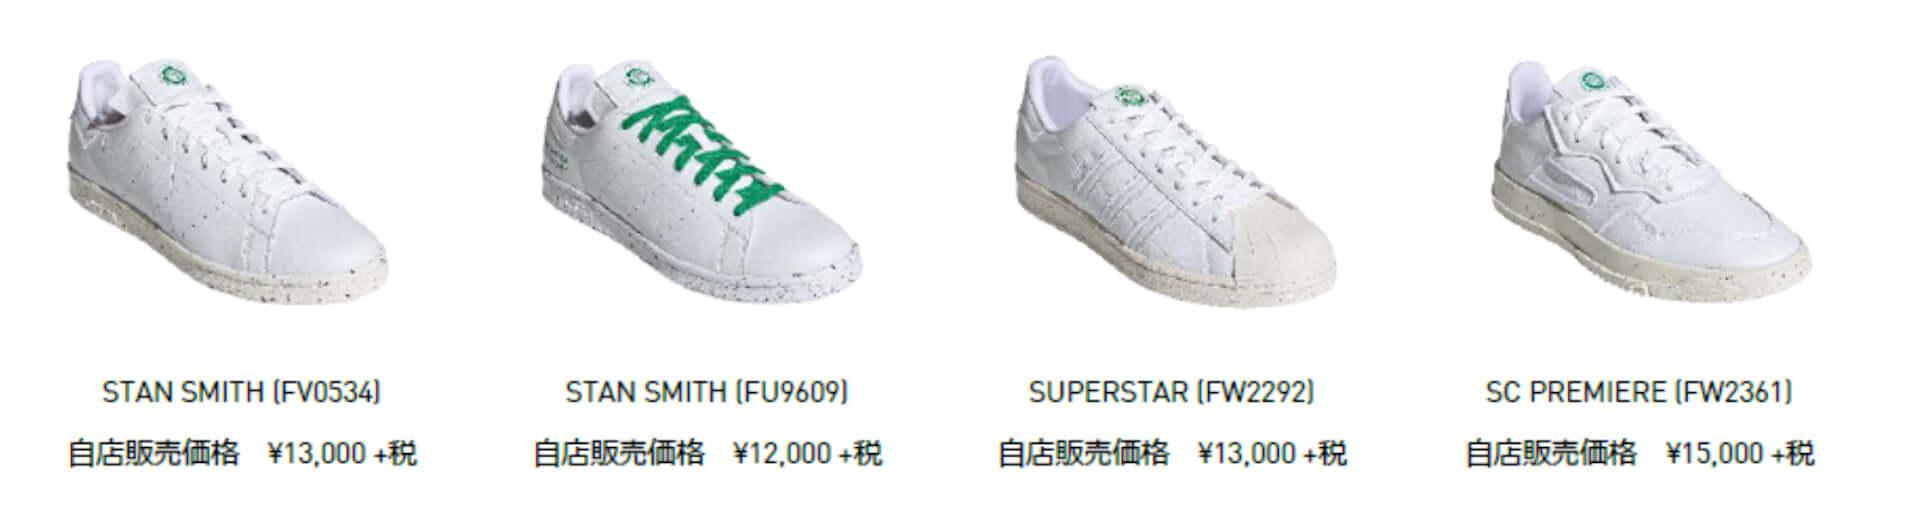 adidas Originalsがサステナブルなフットウェアコレクション「Clean Classics」を発売!名作「SUPERSTAR」「STAN SMITH」も登場 lf200804_adidas-cleanclassics_1-1920x523